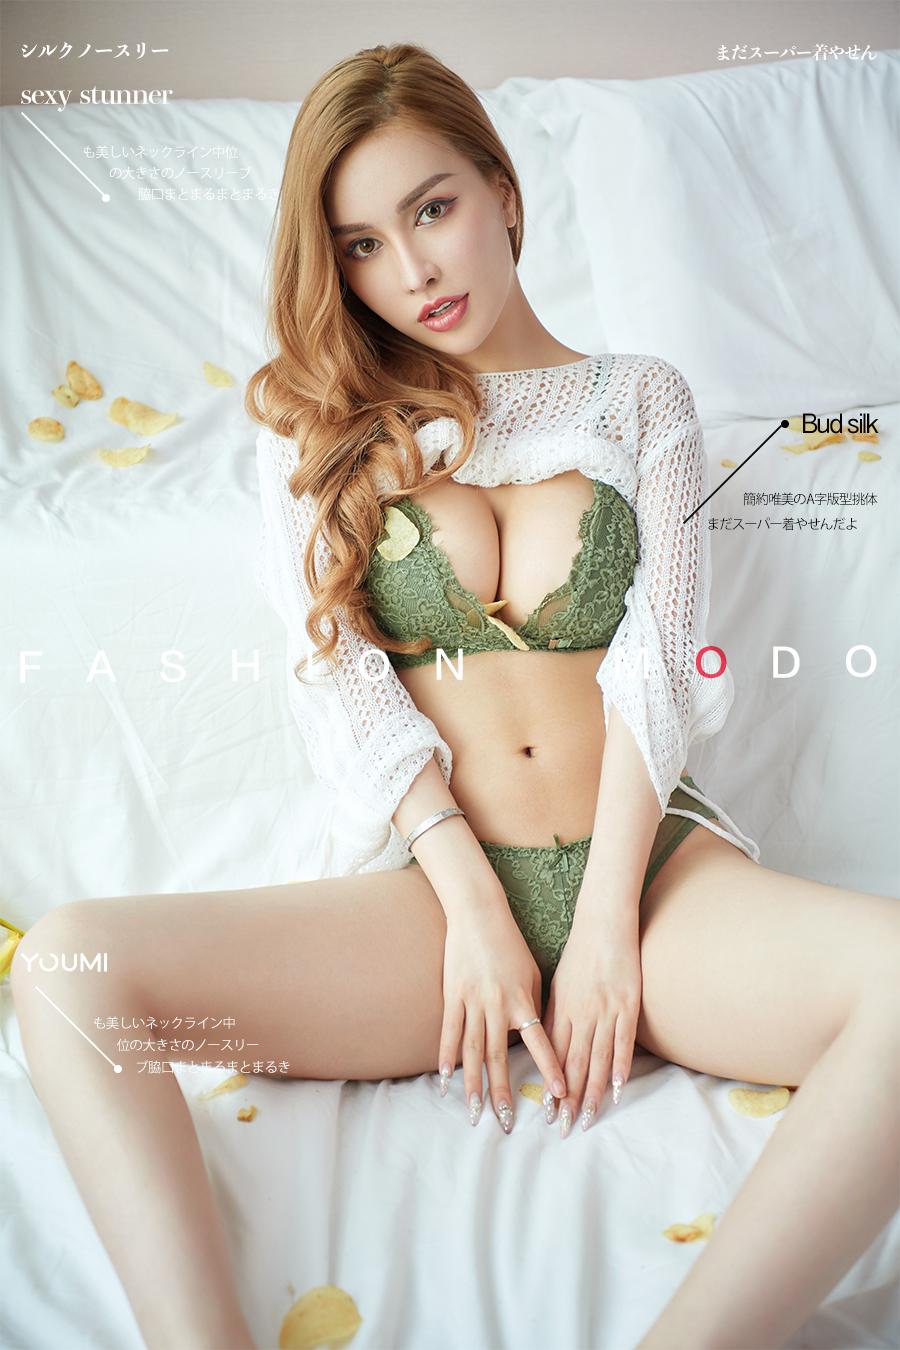 [YouMi尤蜜]2019.11.28 限量蜜桃 大萱萱[/37MB]